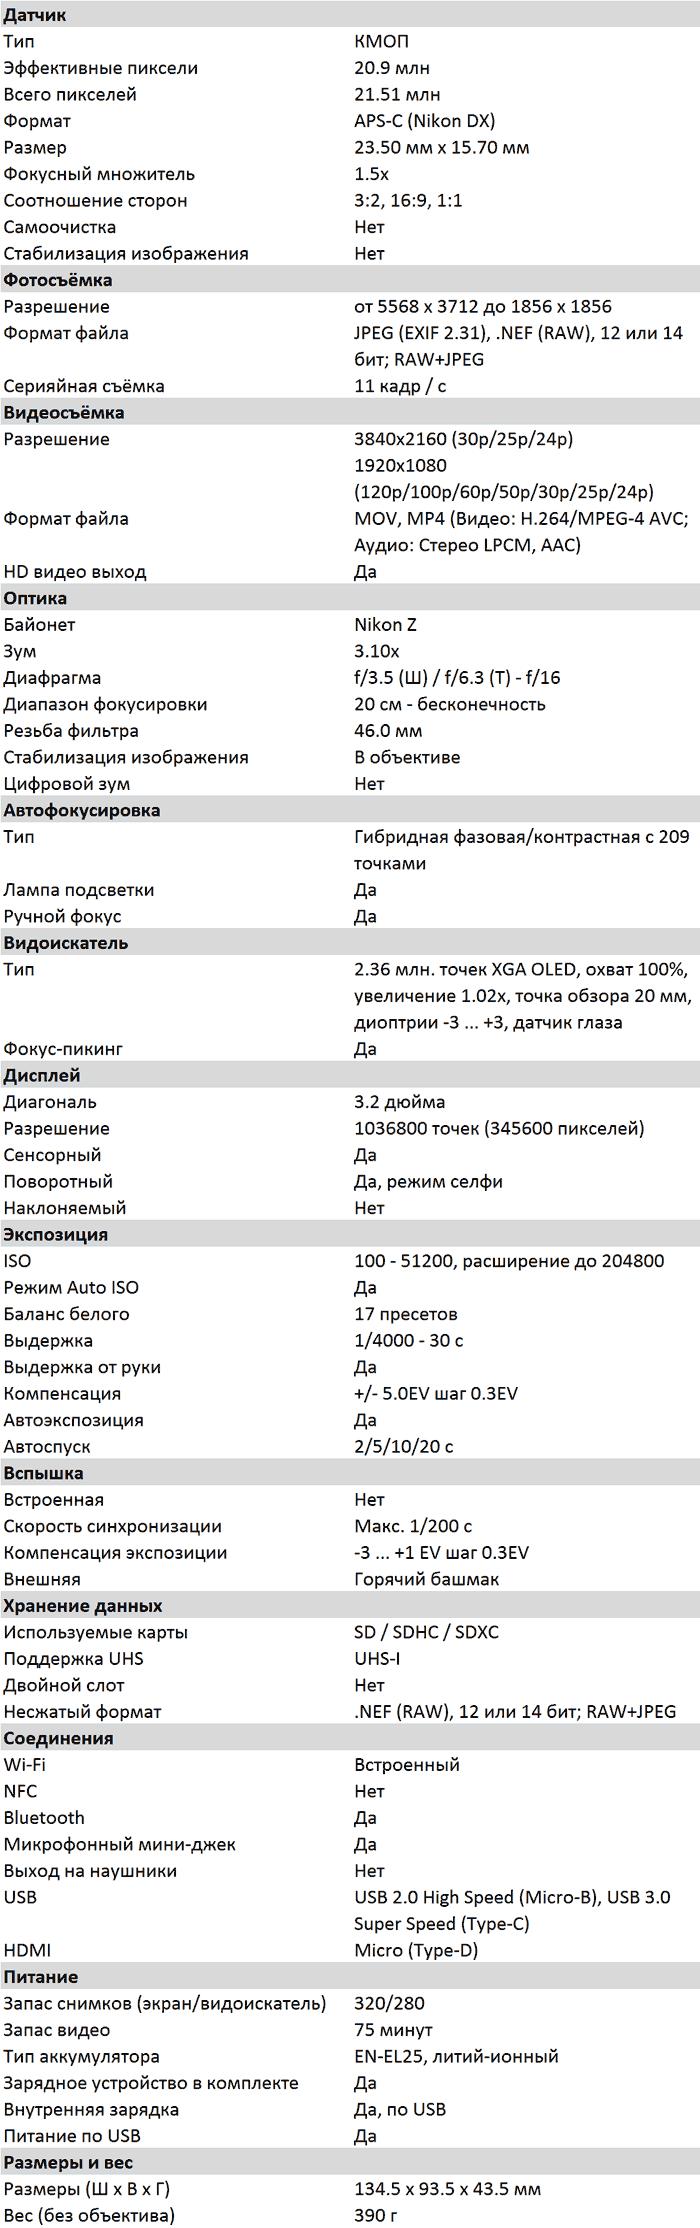 Характеристики Z fc